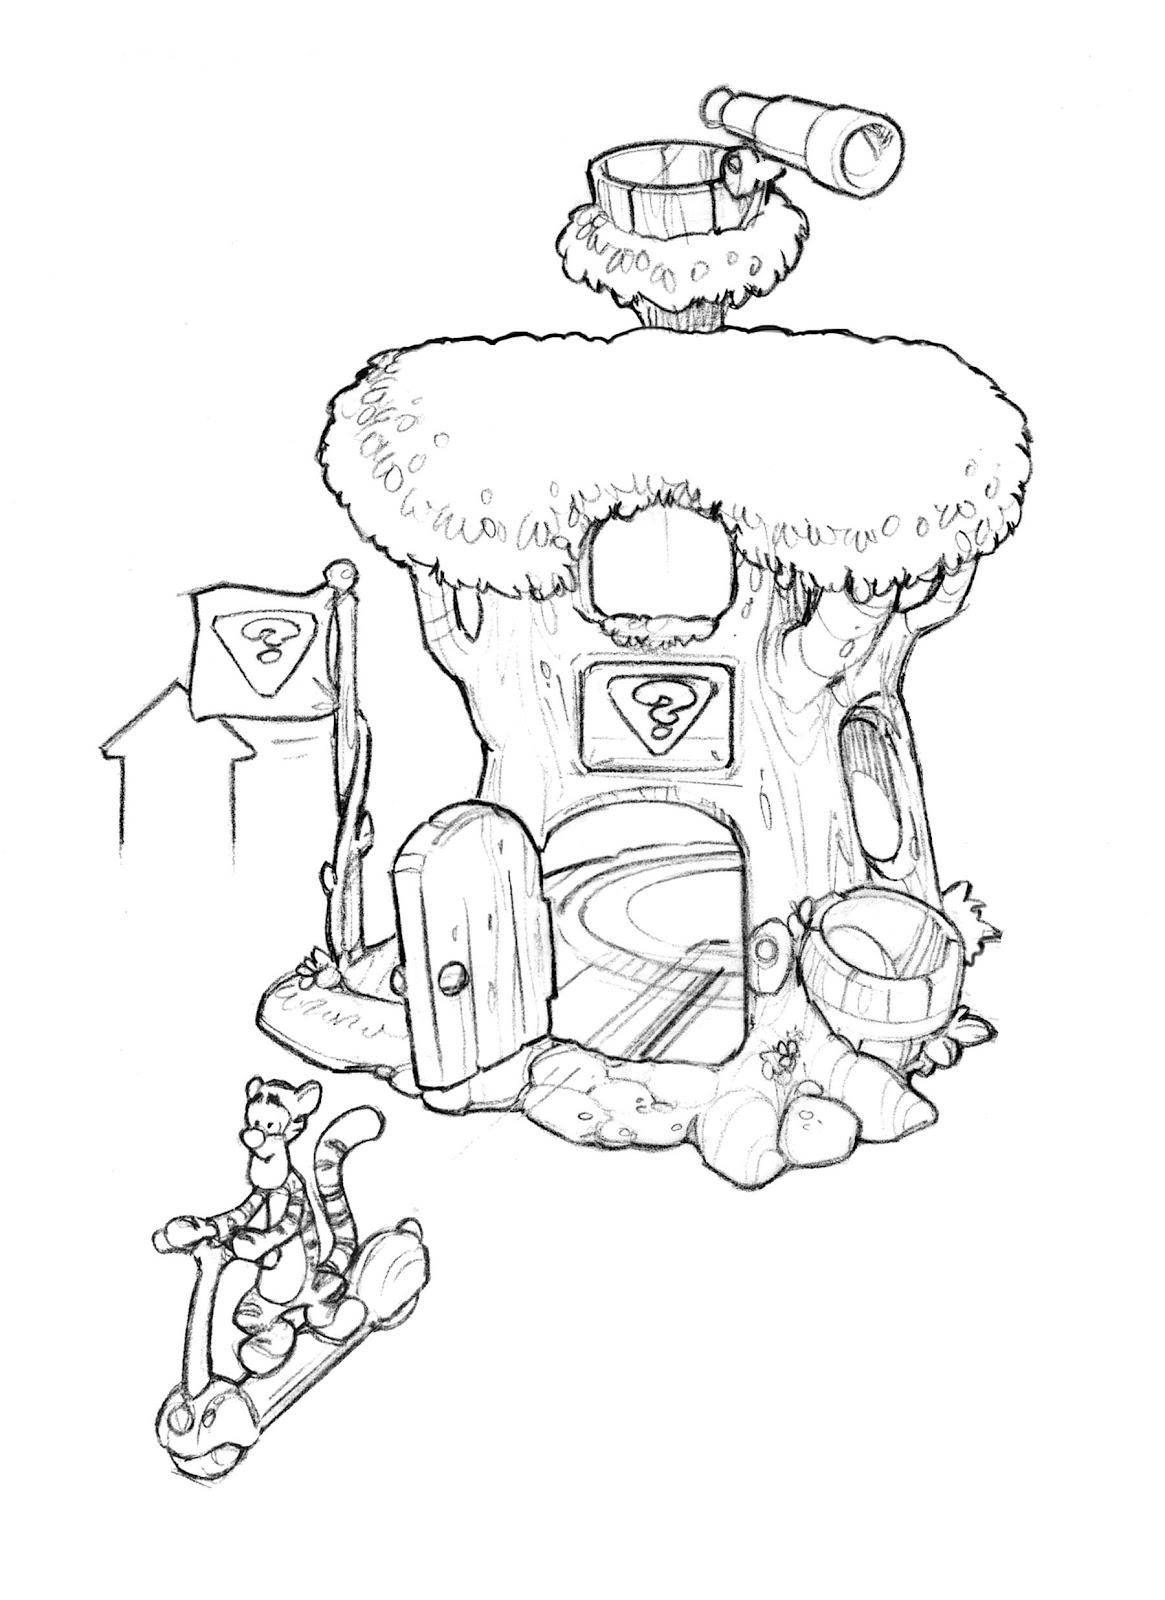 what i do winnie the pooh u0027s u0027travelin u0027 tree house u0027